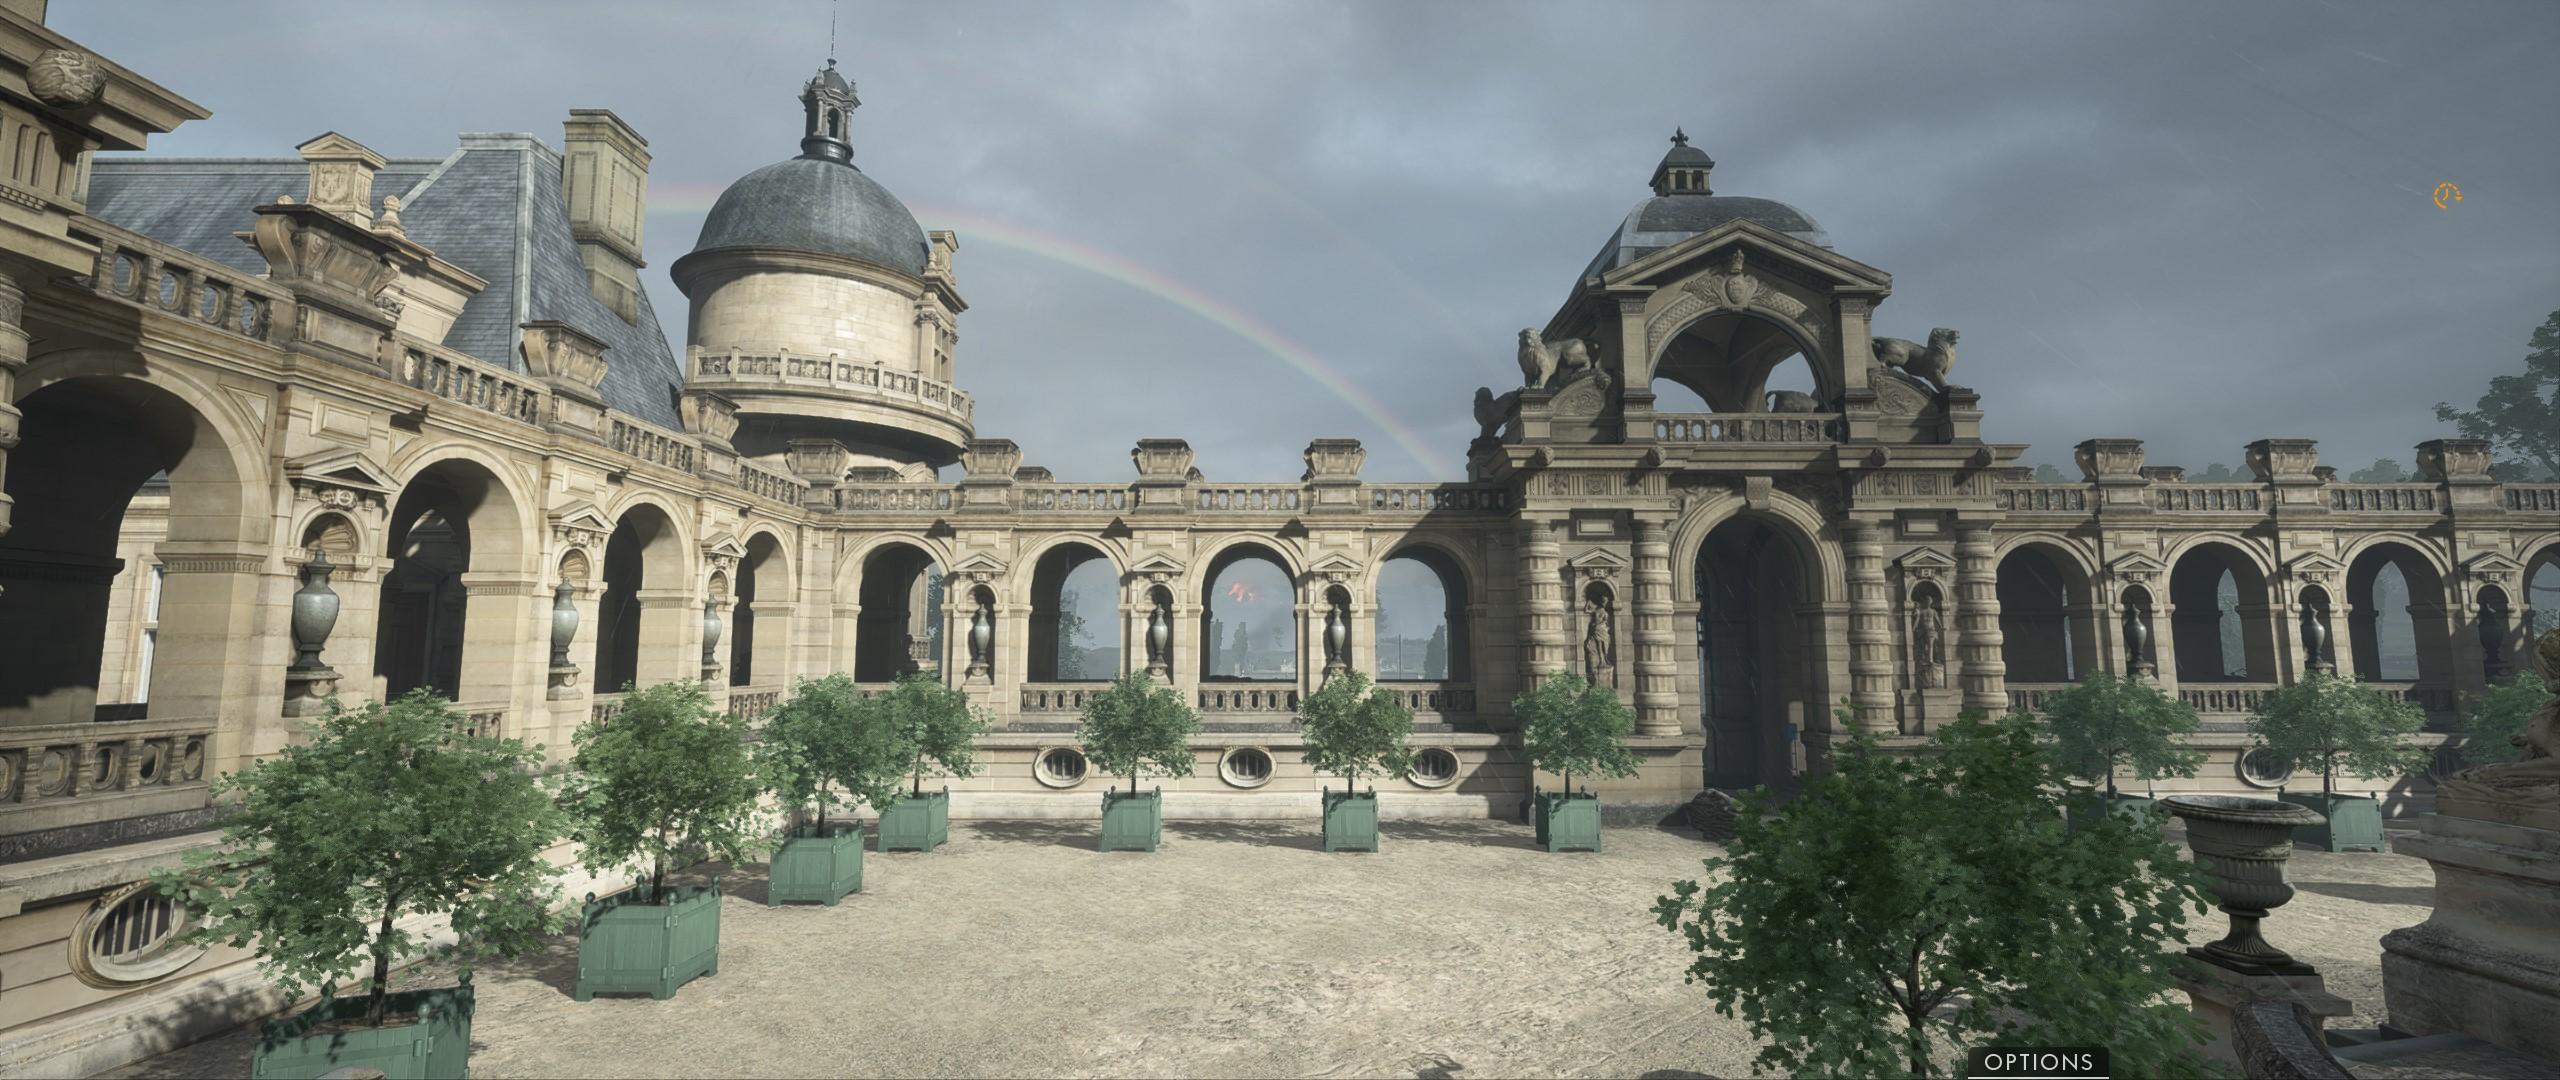 chateau (4).jpg